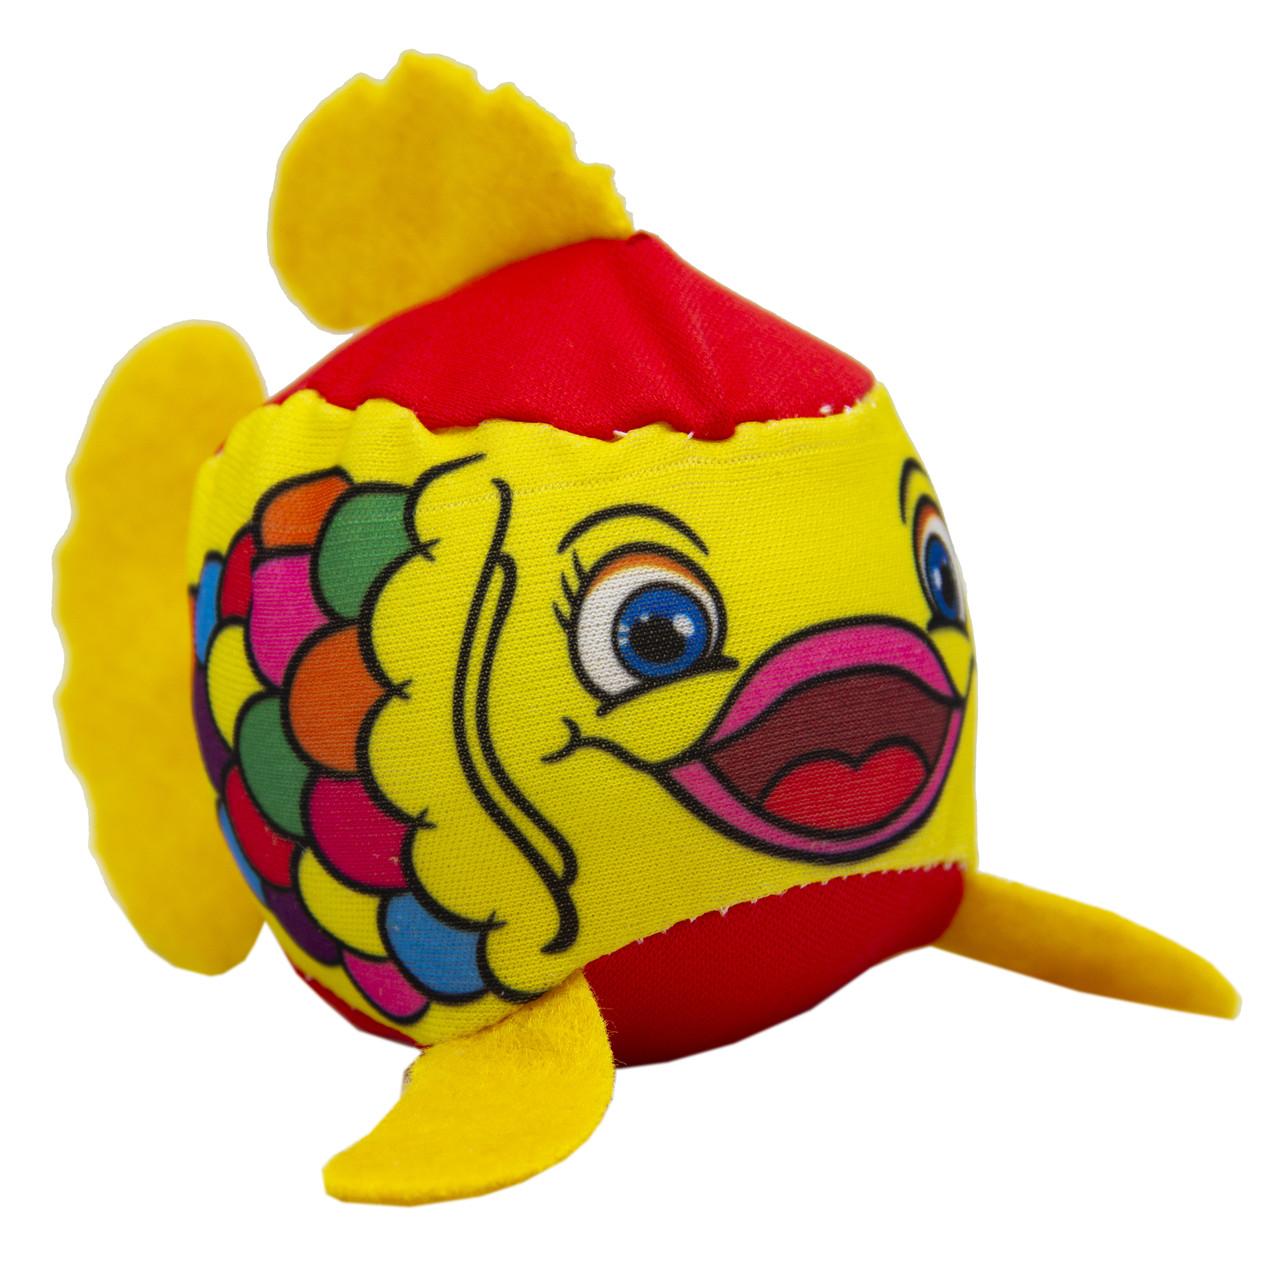 Рыбка мягкая для игры в воде, в сетке, Желтая (DPS12759)